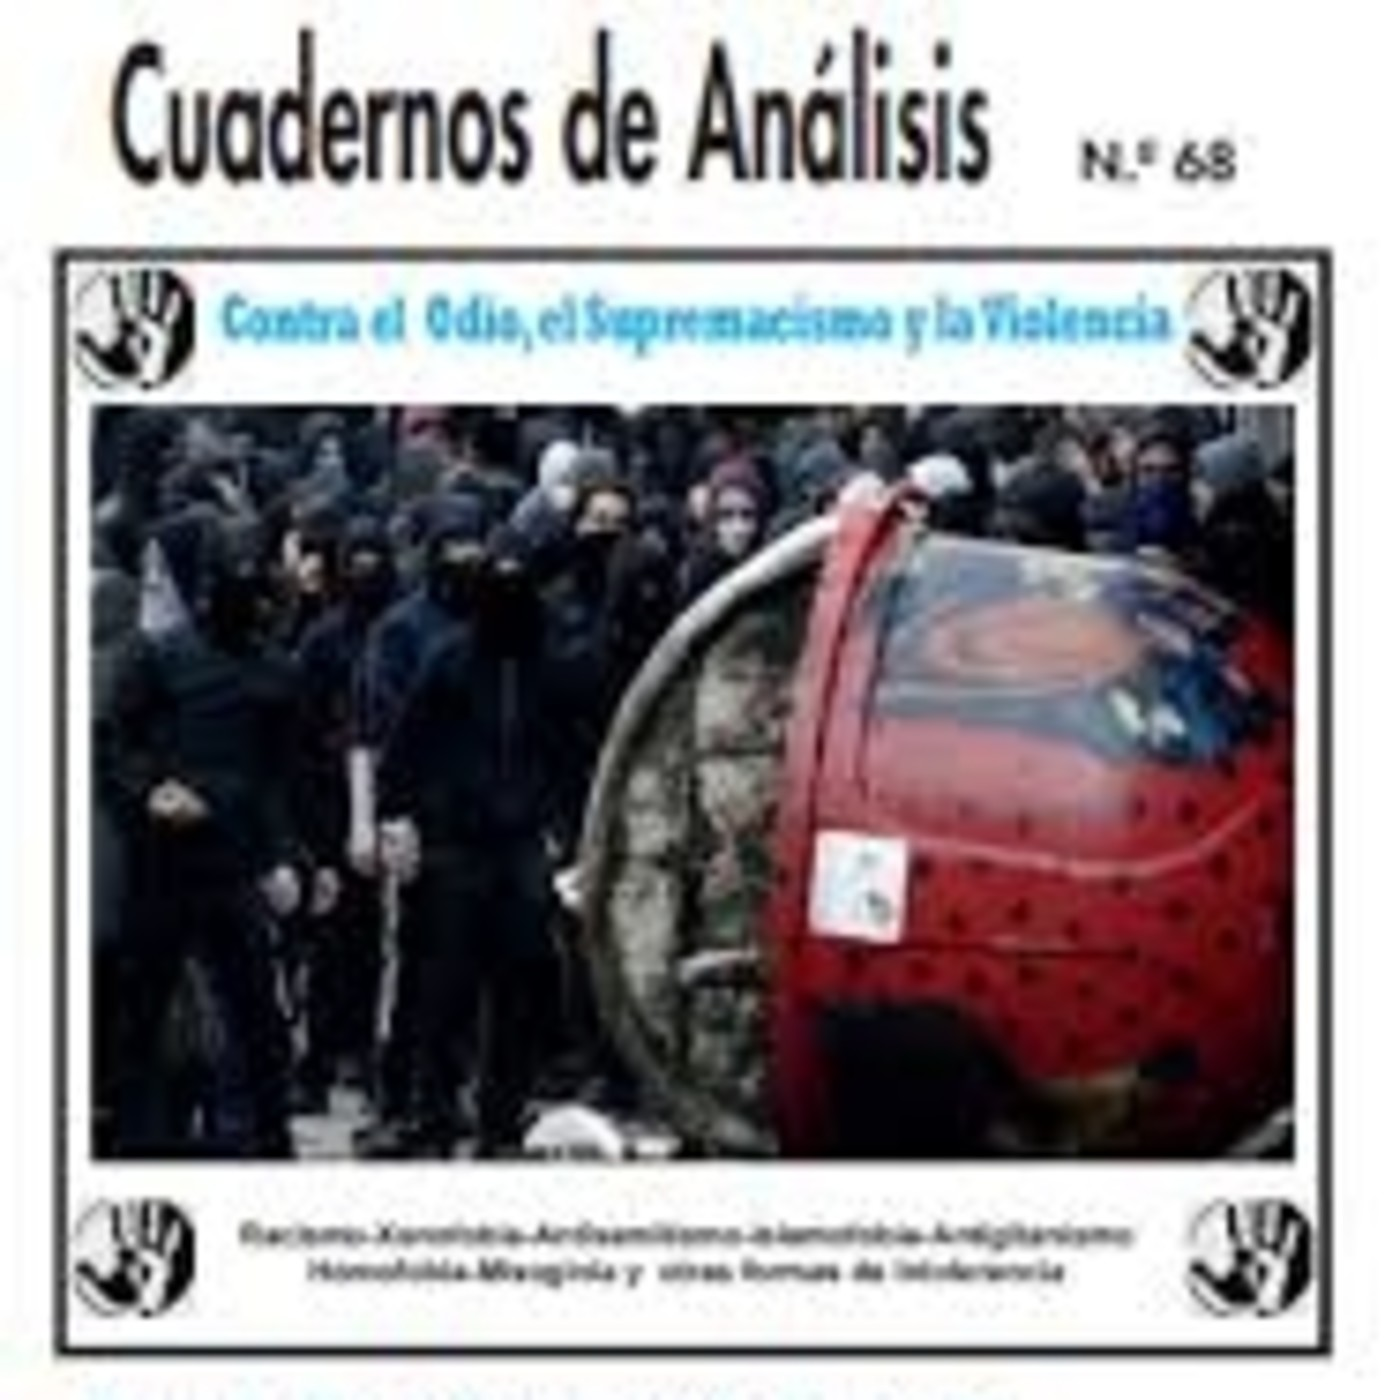 09 01 2020 Días D Cuaderno De Análisis Nº68 En Días D En Mp3